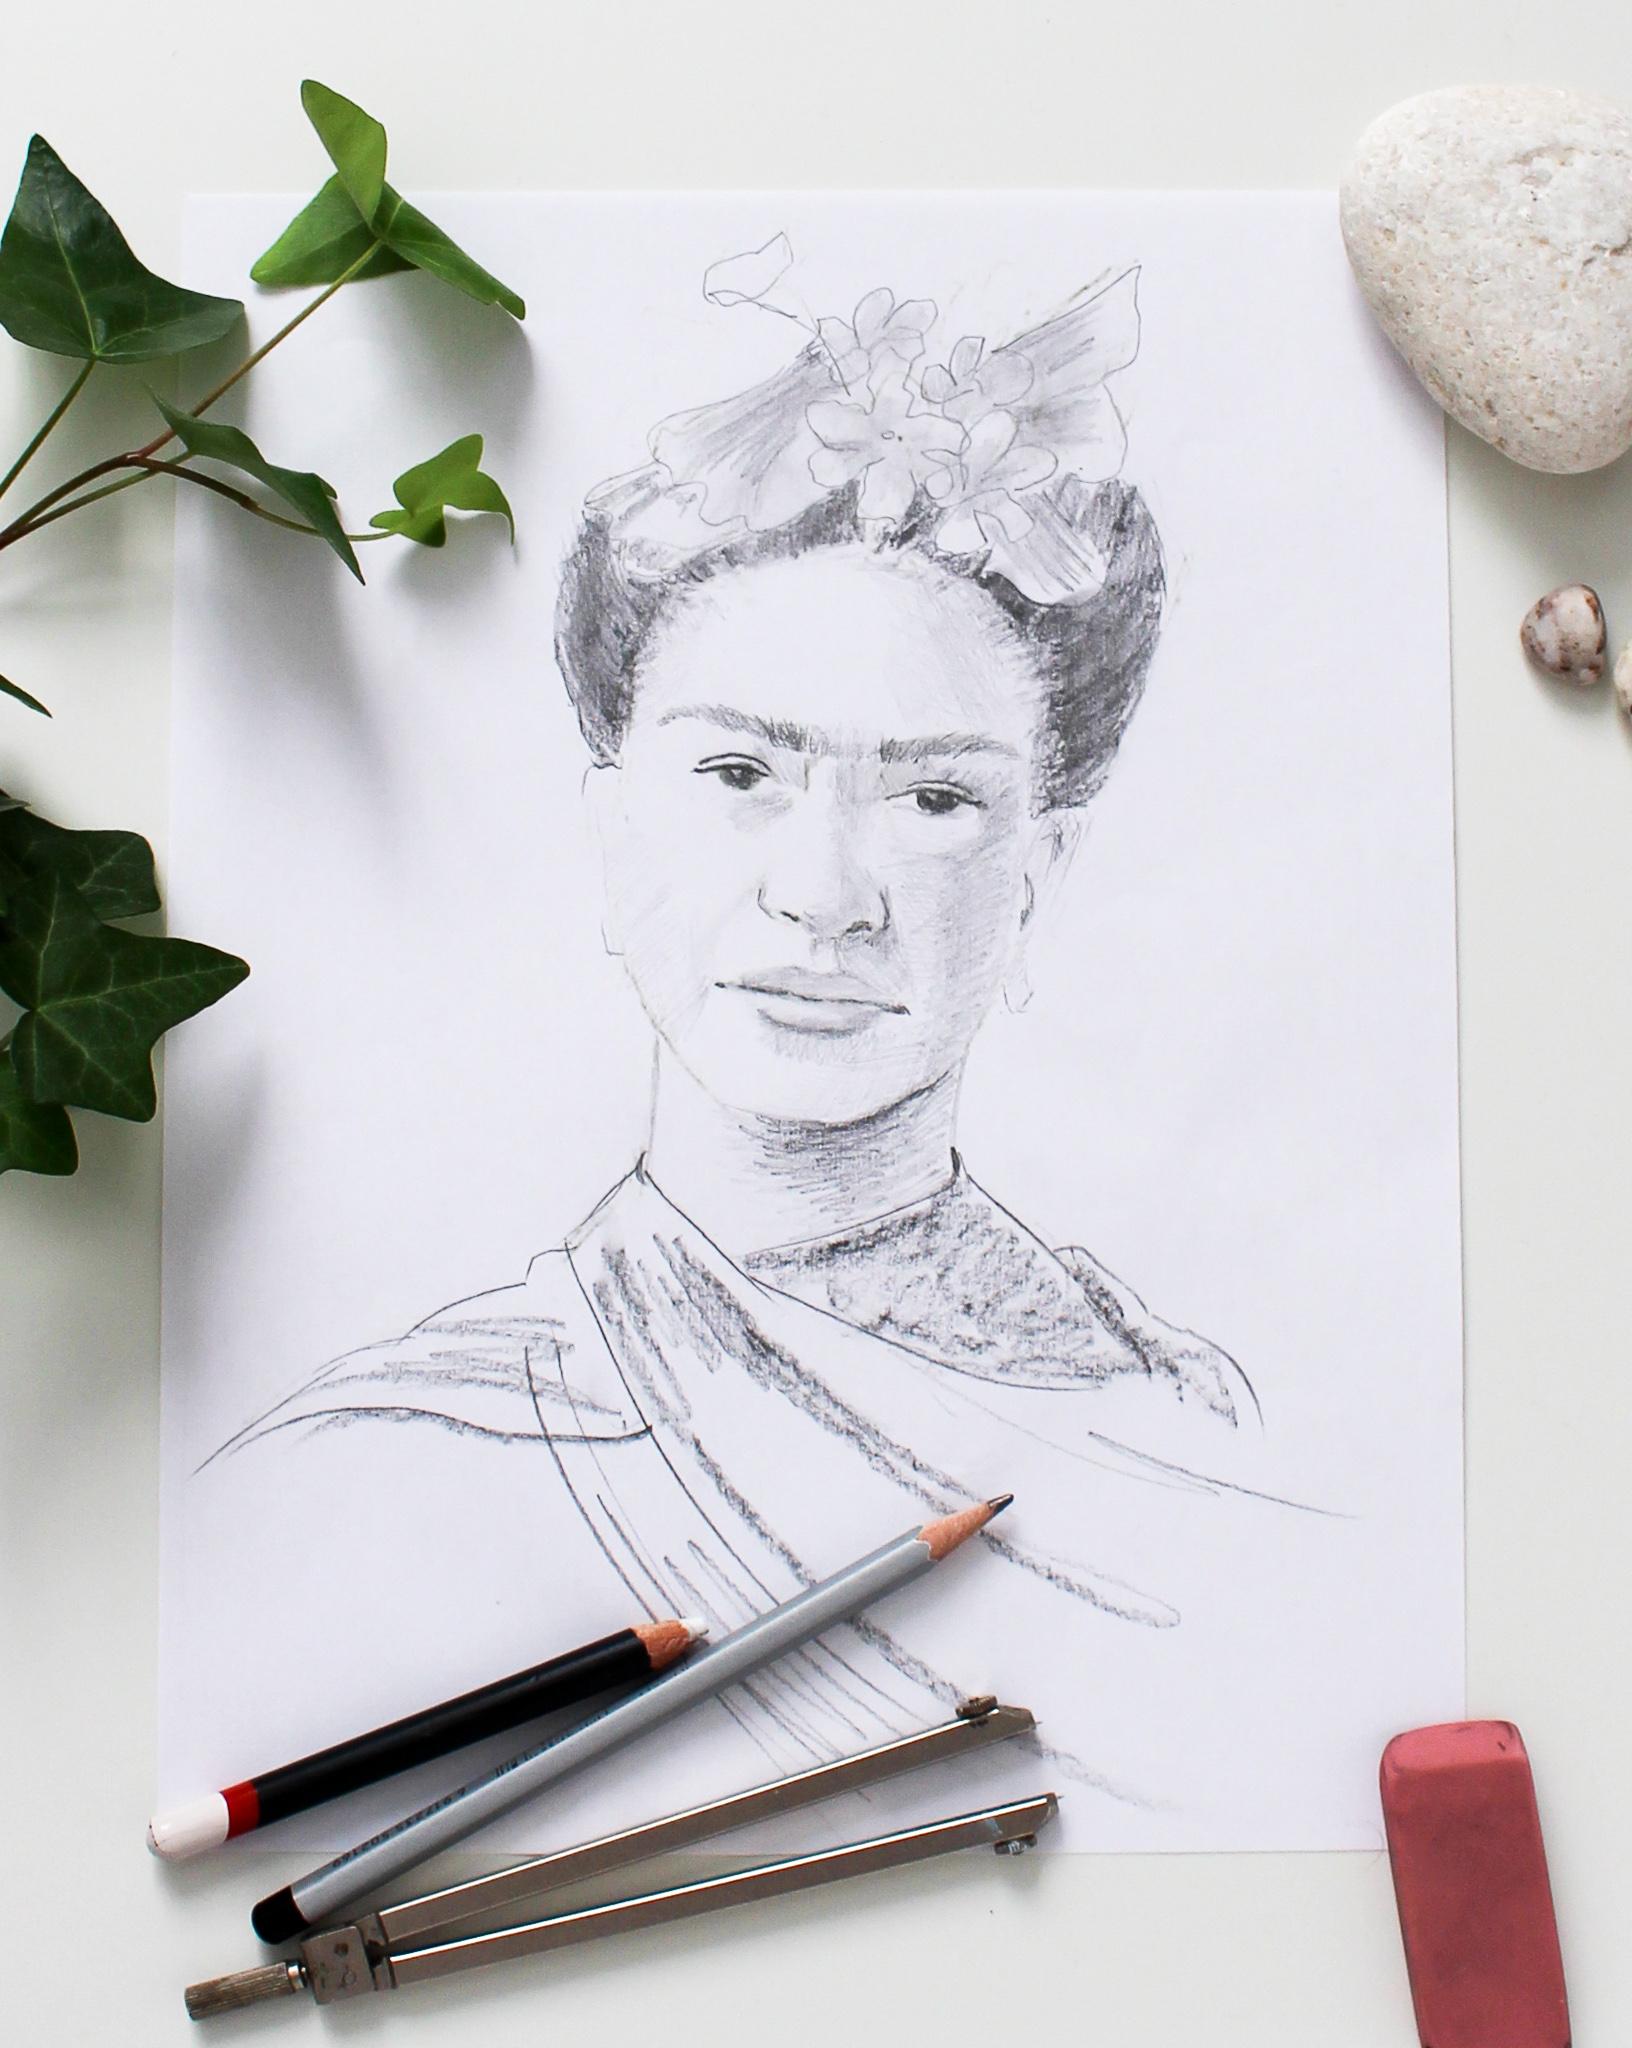 Sketch of Frida Kahlo